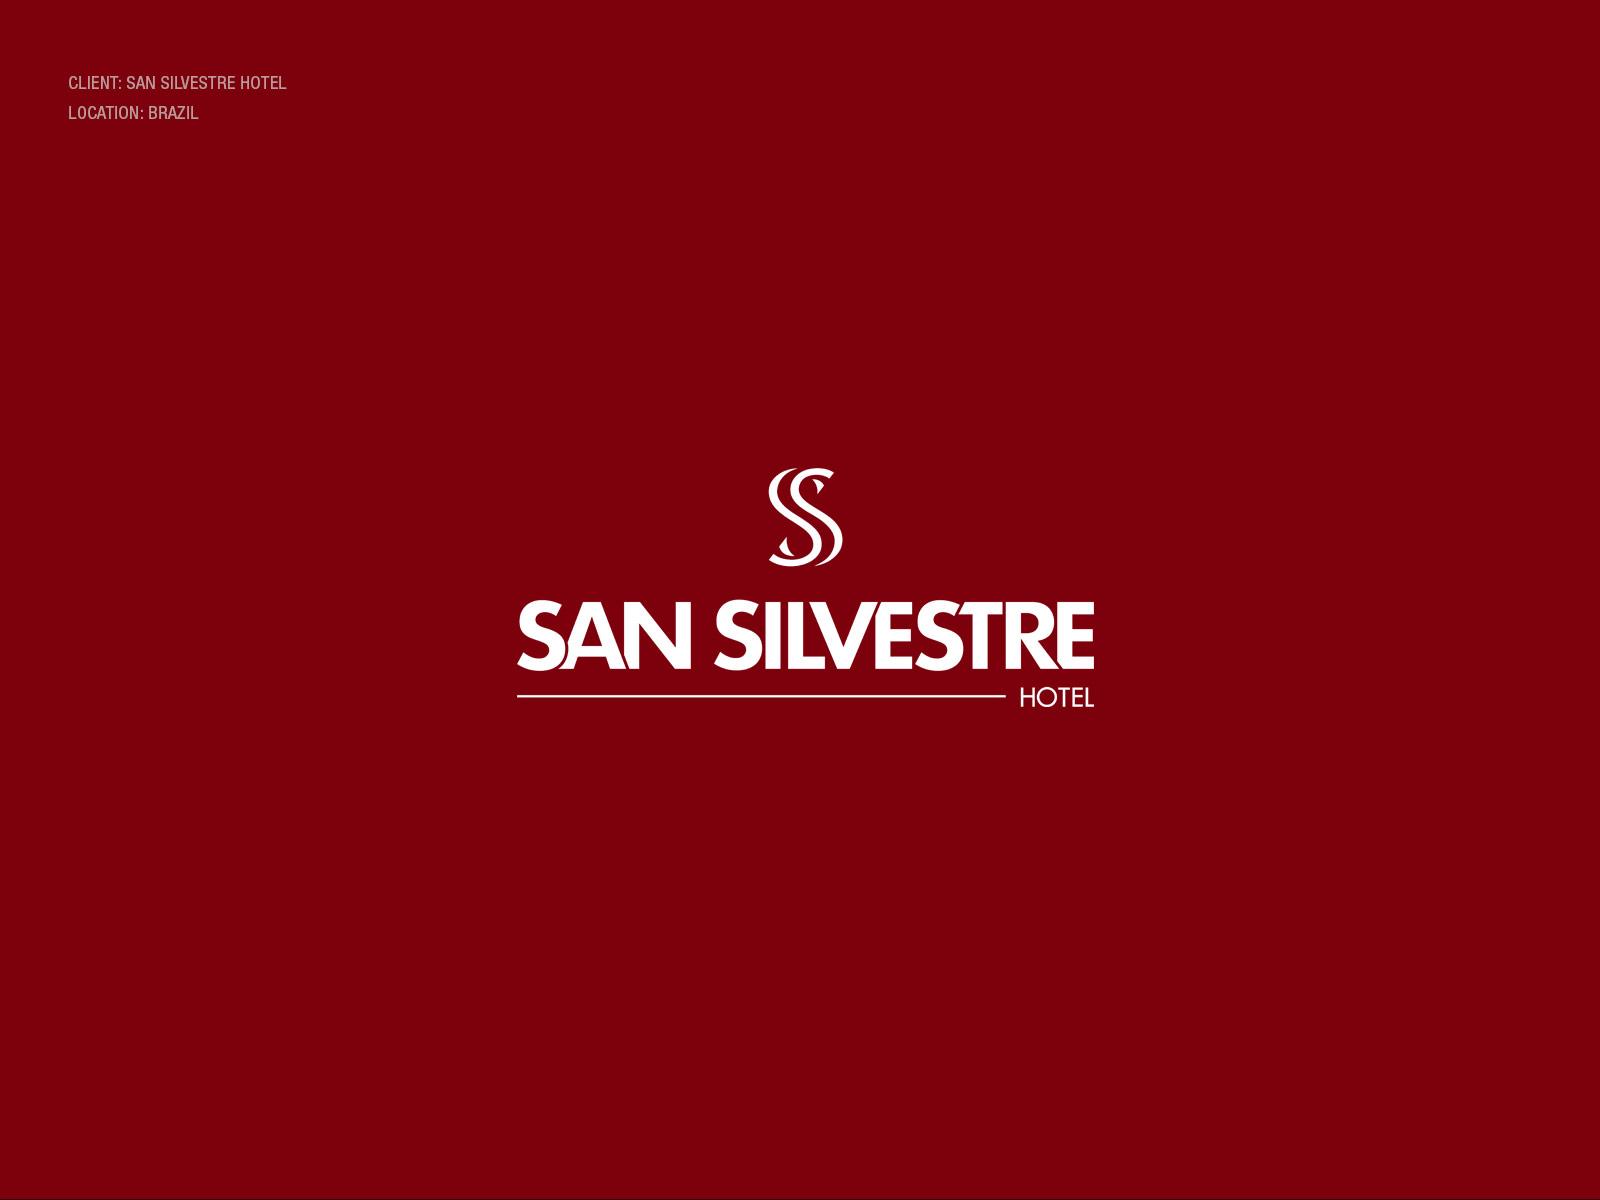 logodesign-logo